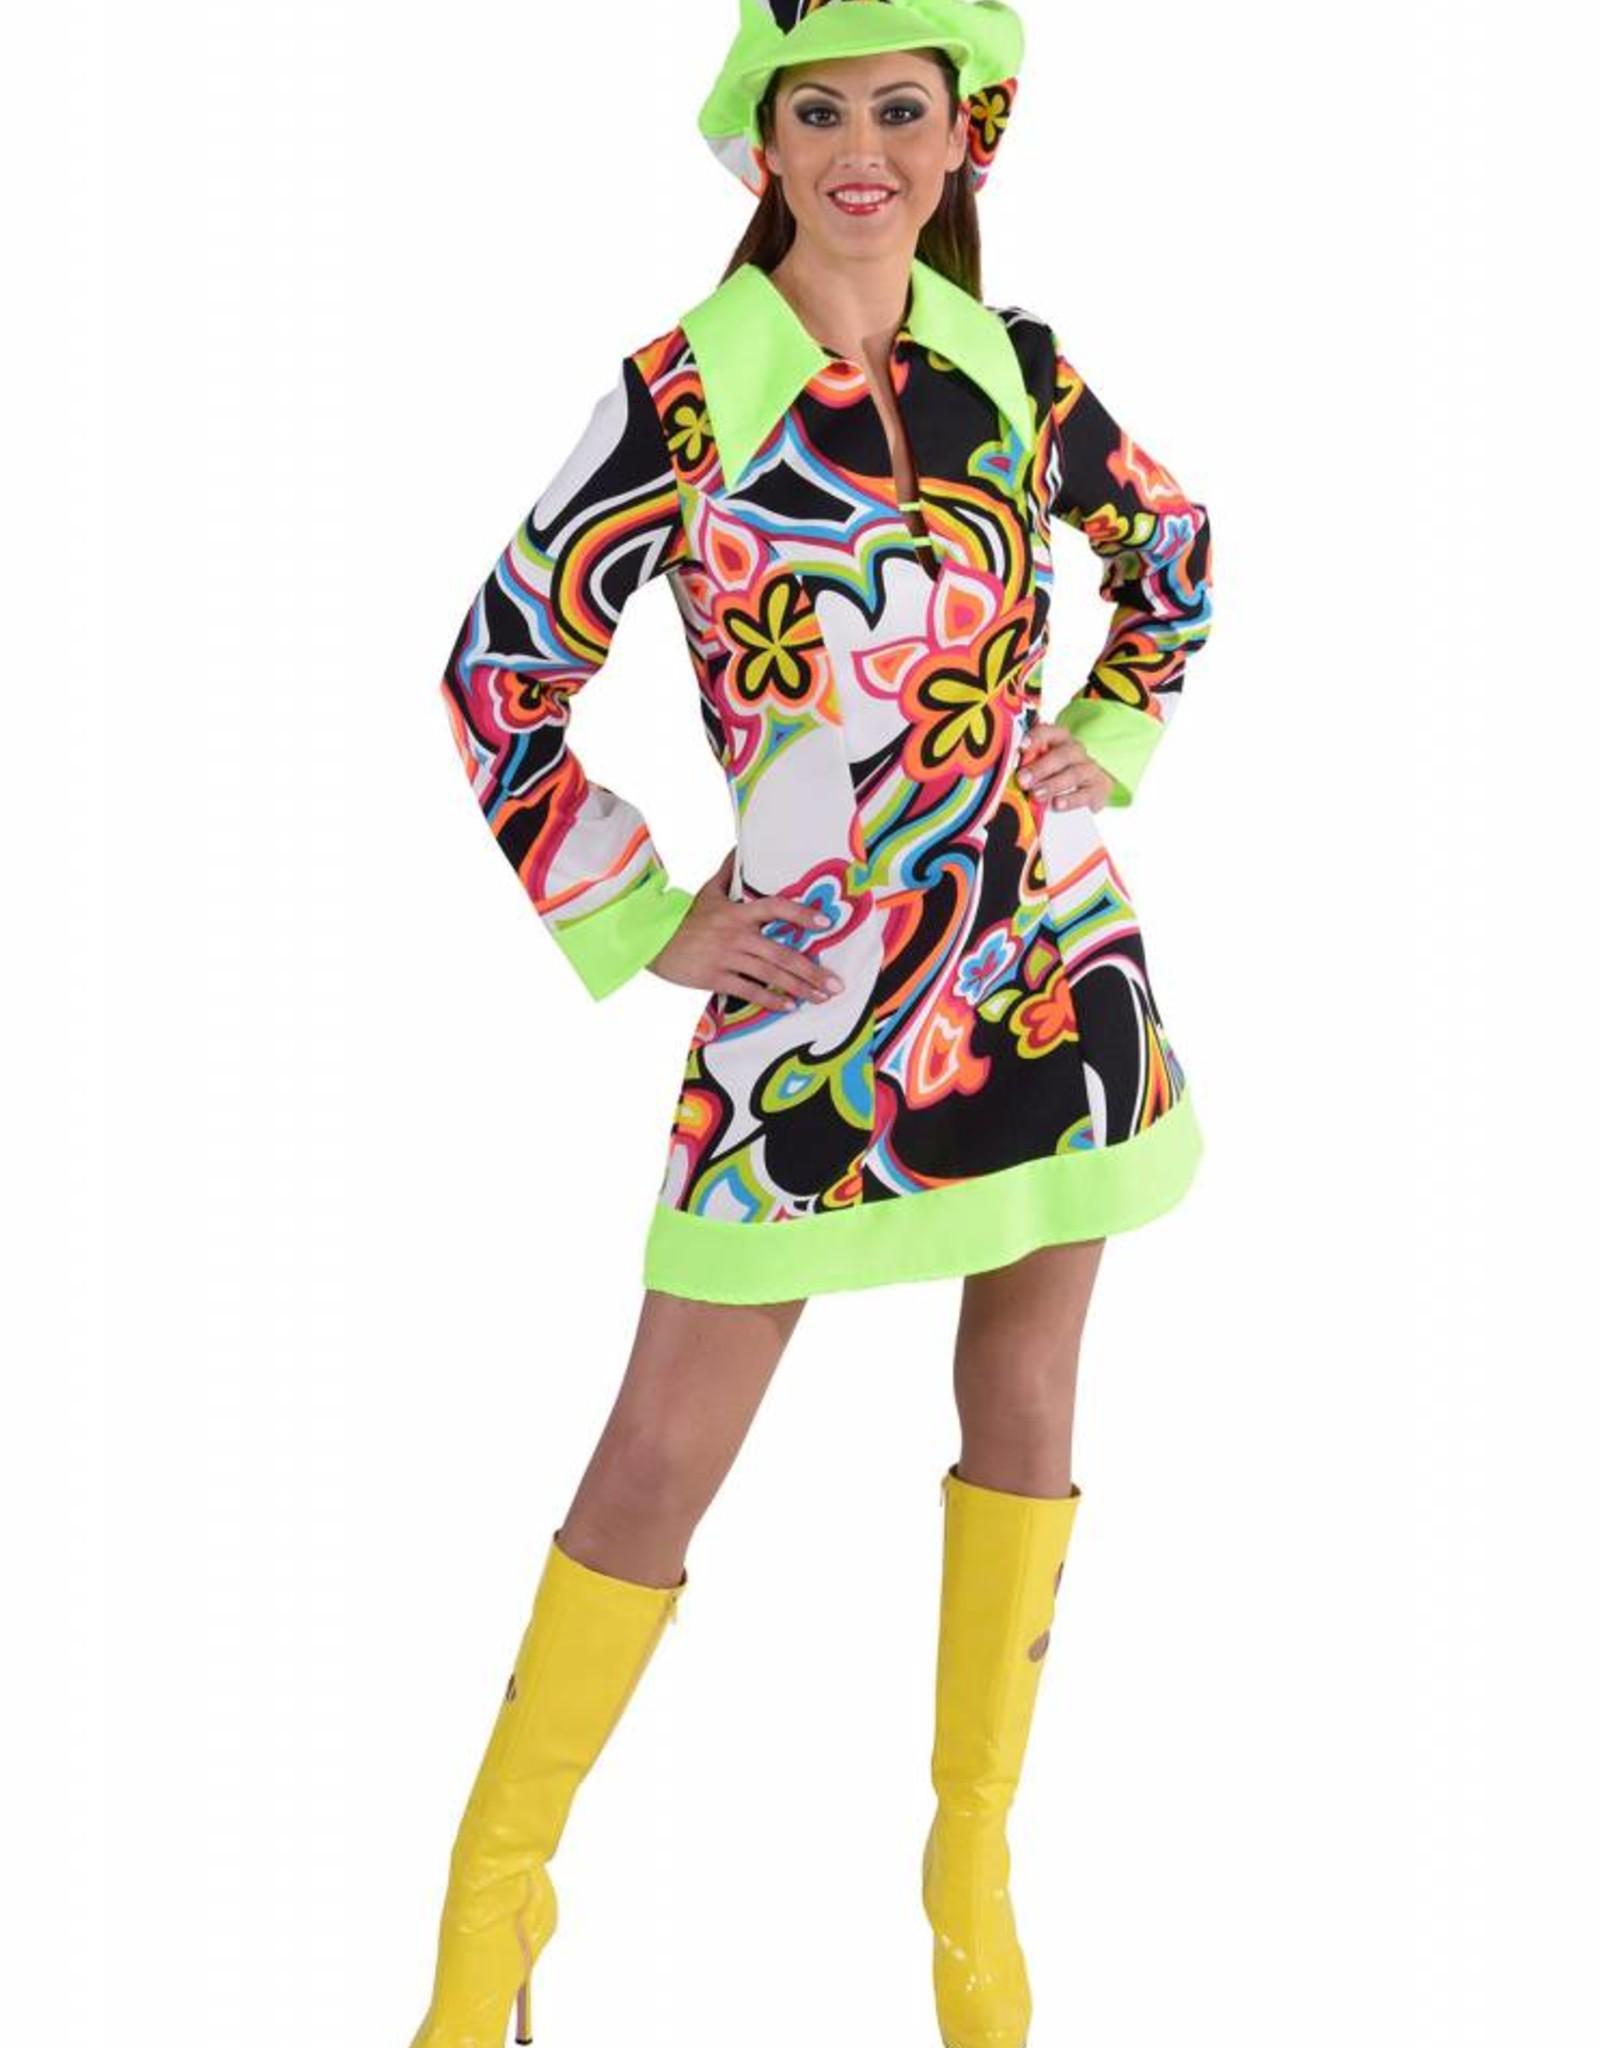 MAGIC fantasy jurk met pet M huurprijs 15